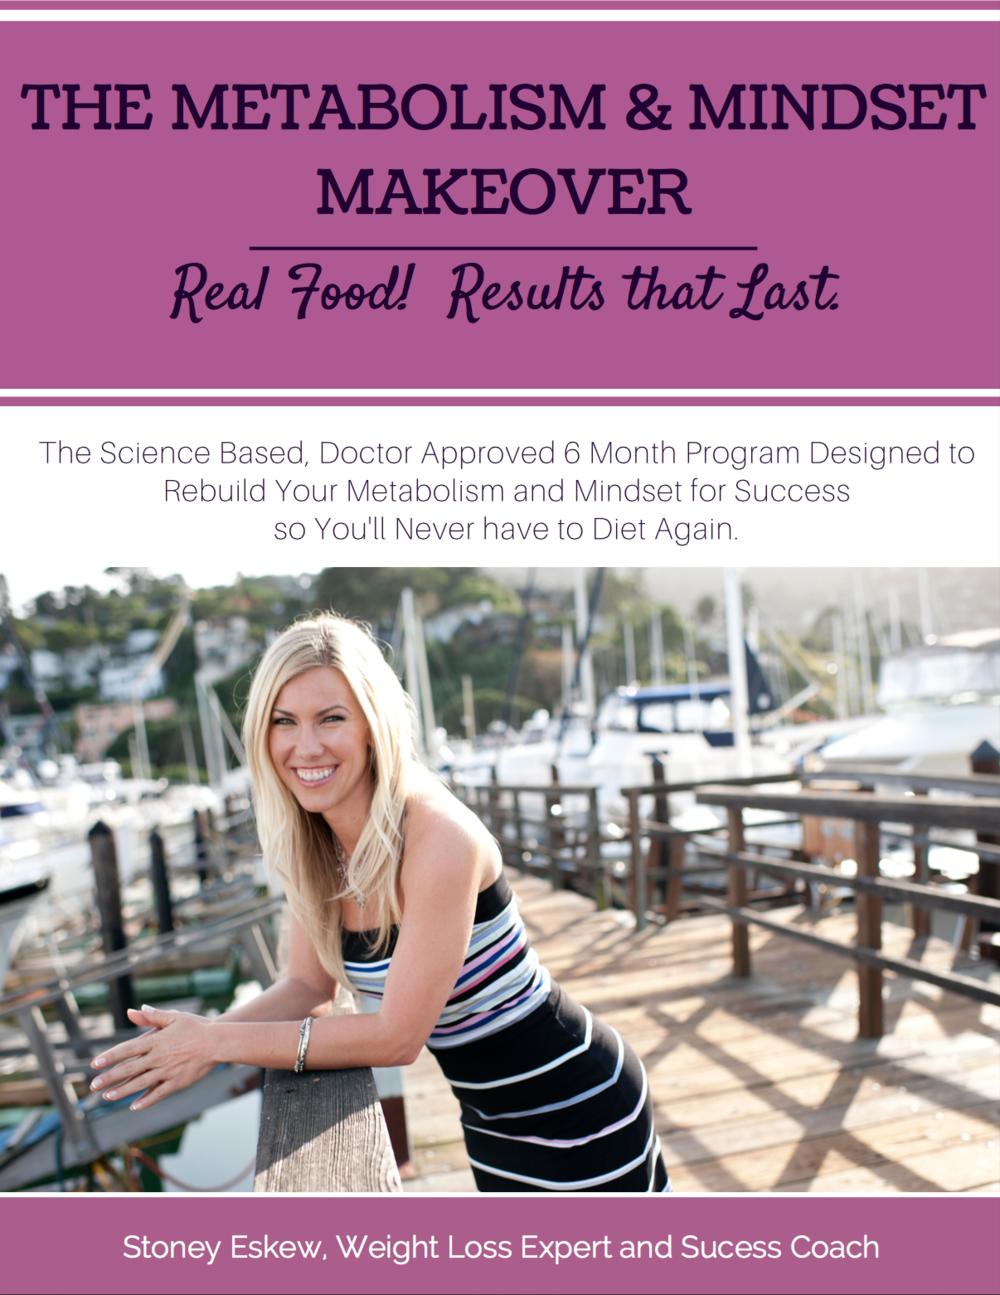 Metabolism and Mindset Makeover